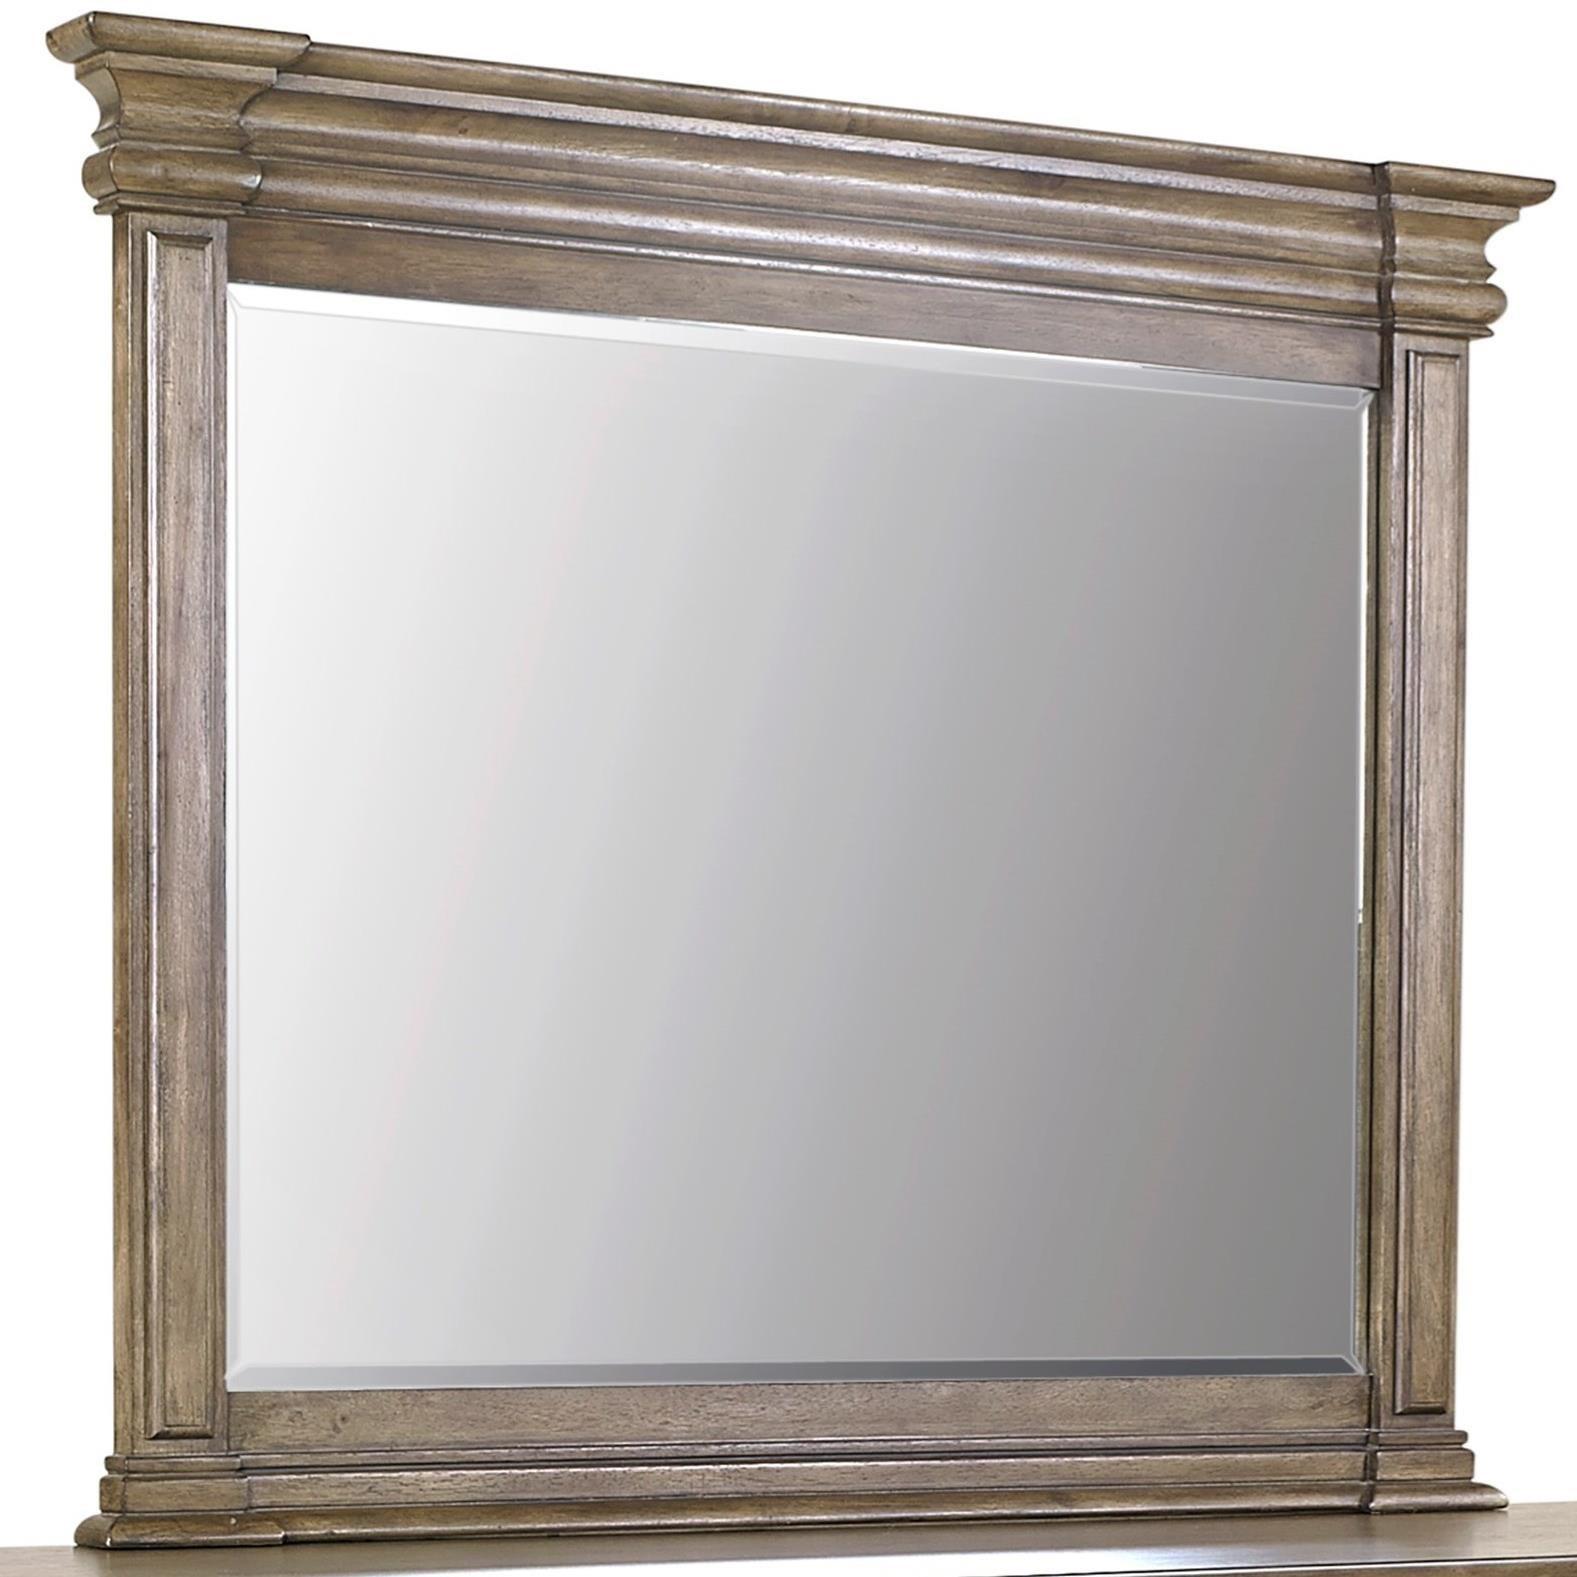 Aspenhome Arcadia Dresser Mirror  - Item Number: I92-462